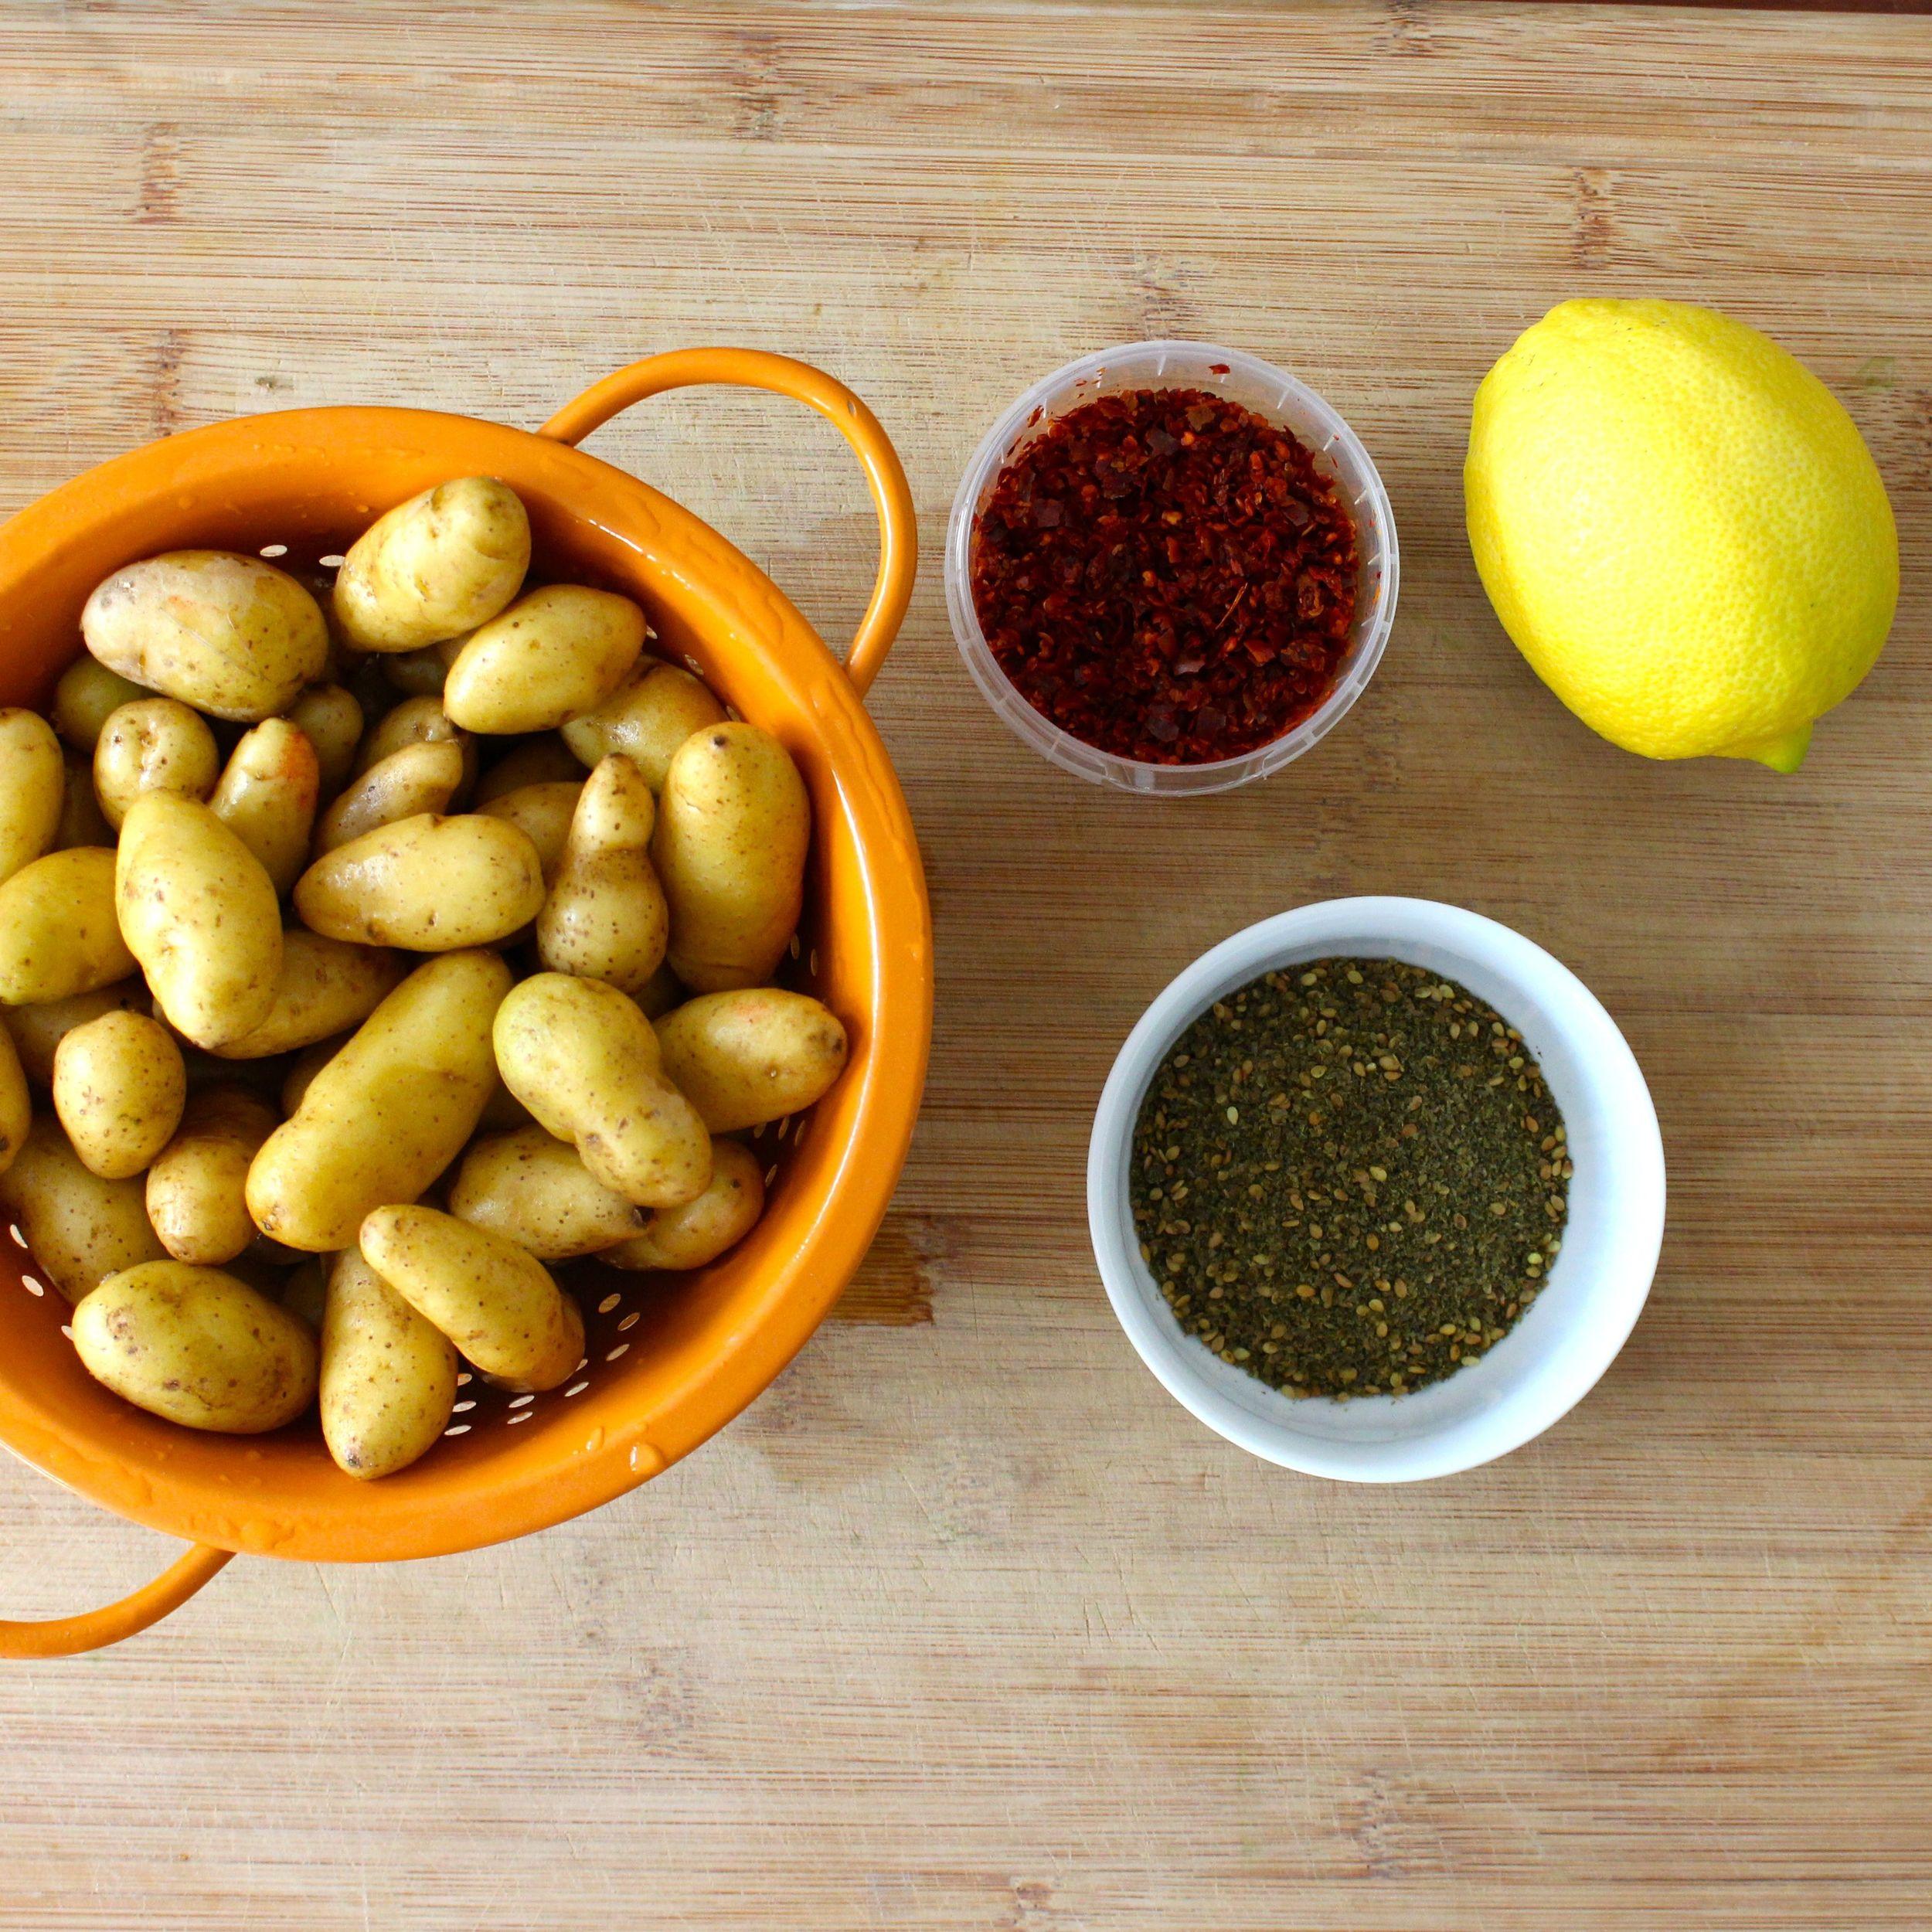 Potatoes, Marash pepper, za'atar and lemon